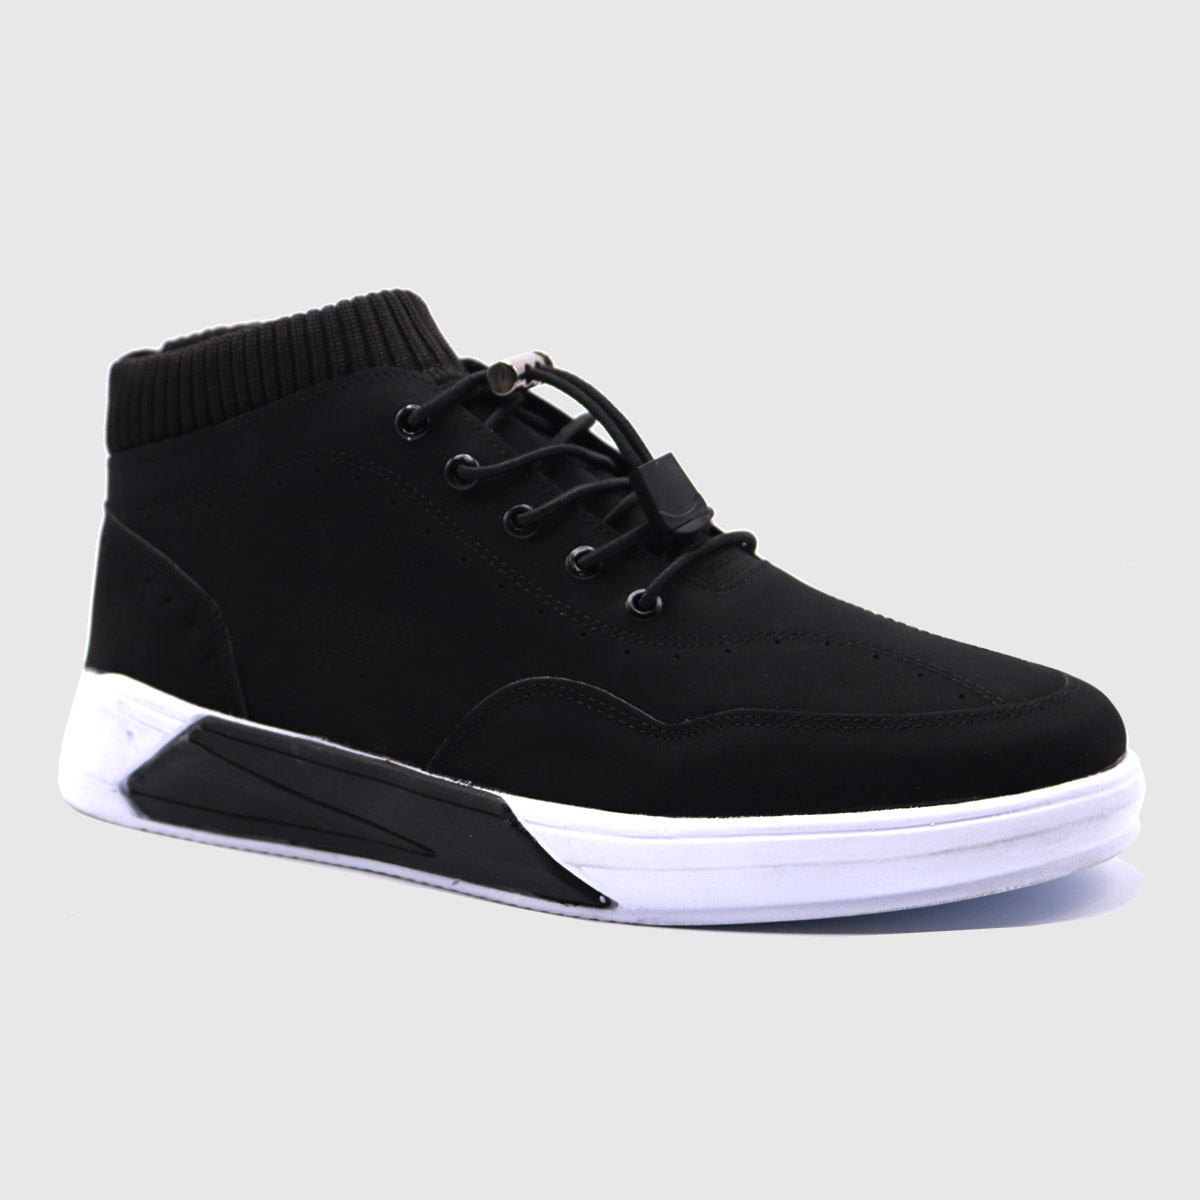 تصویر کفش اسپرت مردانه کد 1040